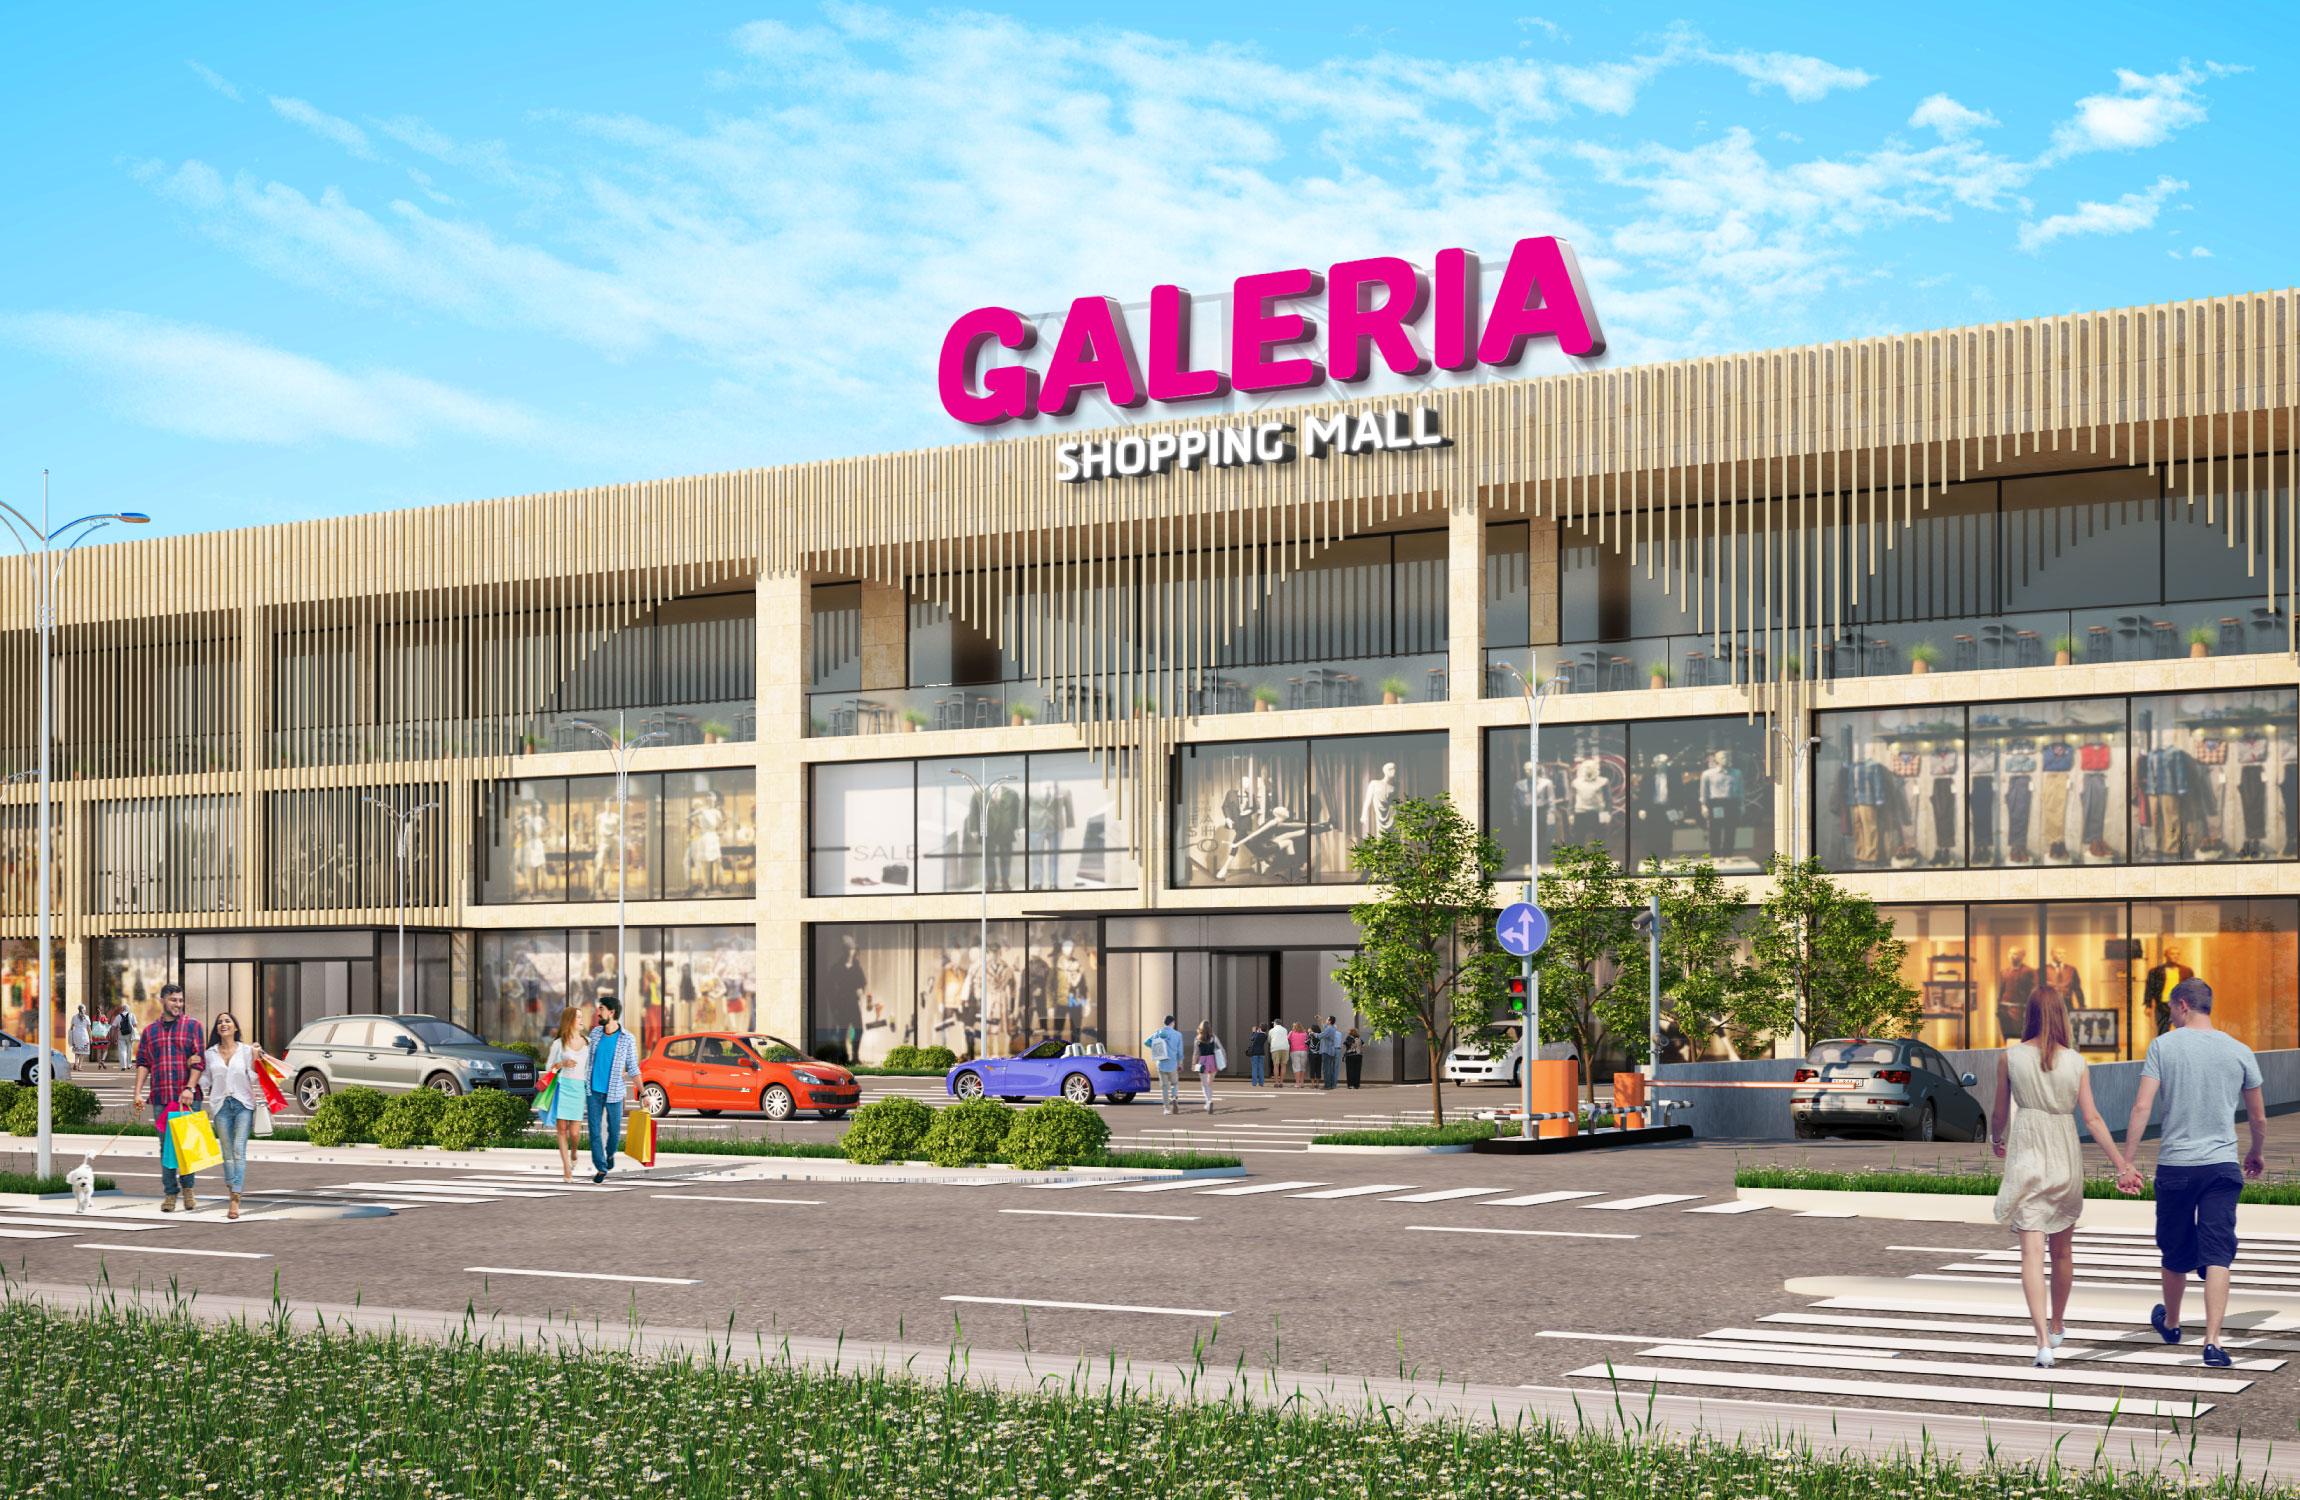 Galeria Shopping Mall, qendra më e re tregtare shpallë vende të lira pune